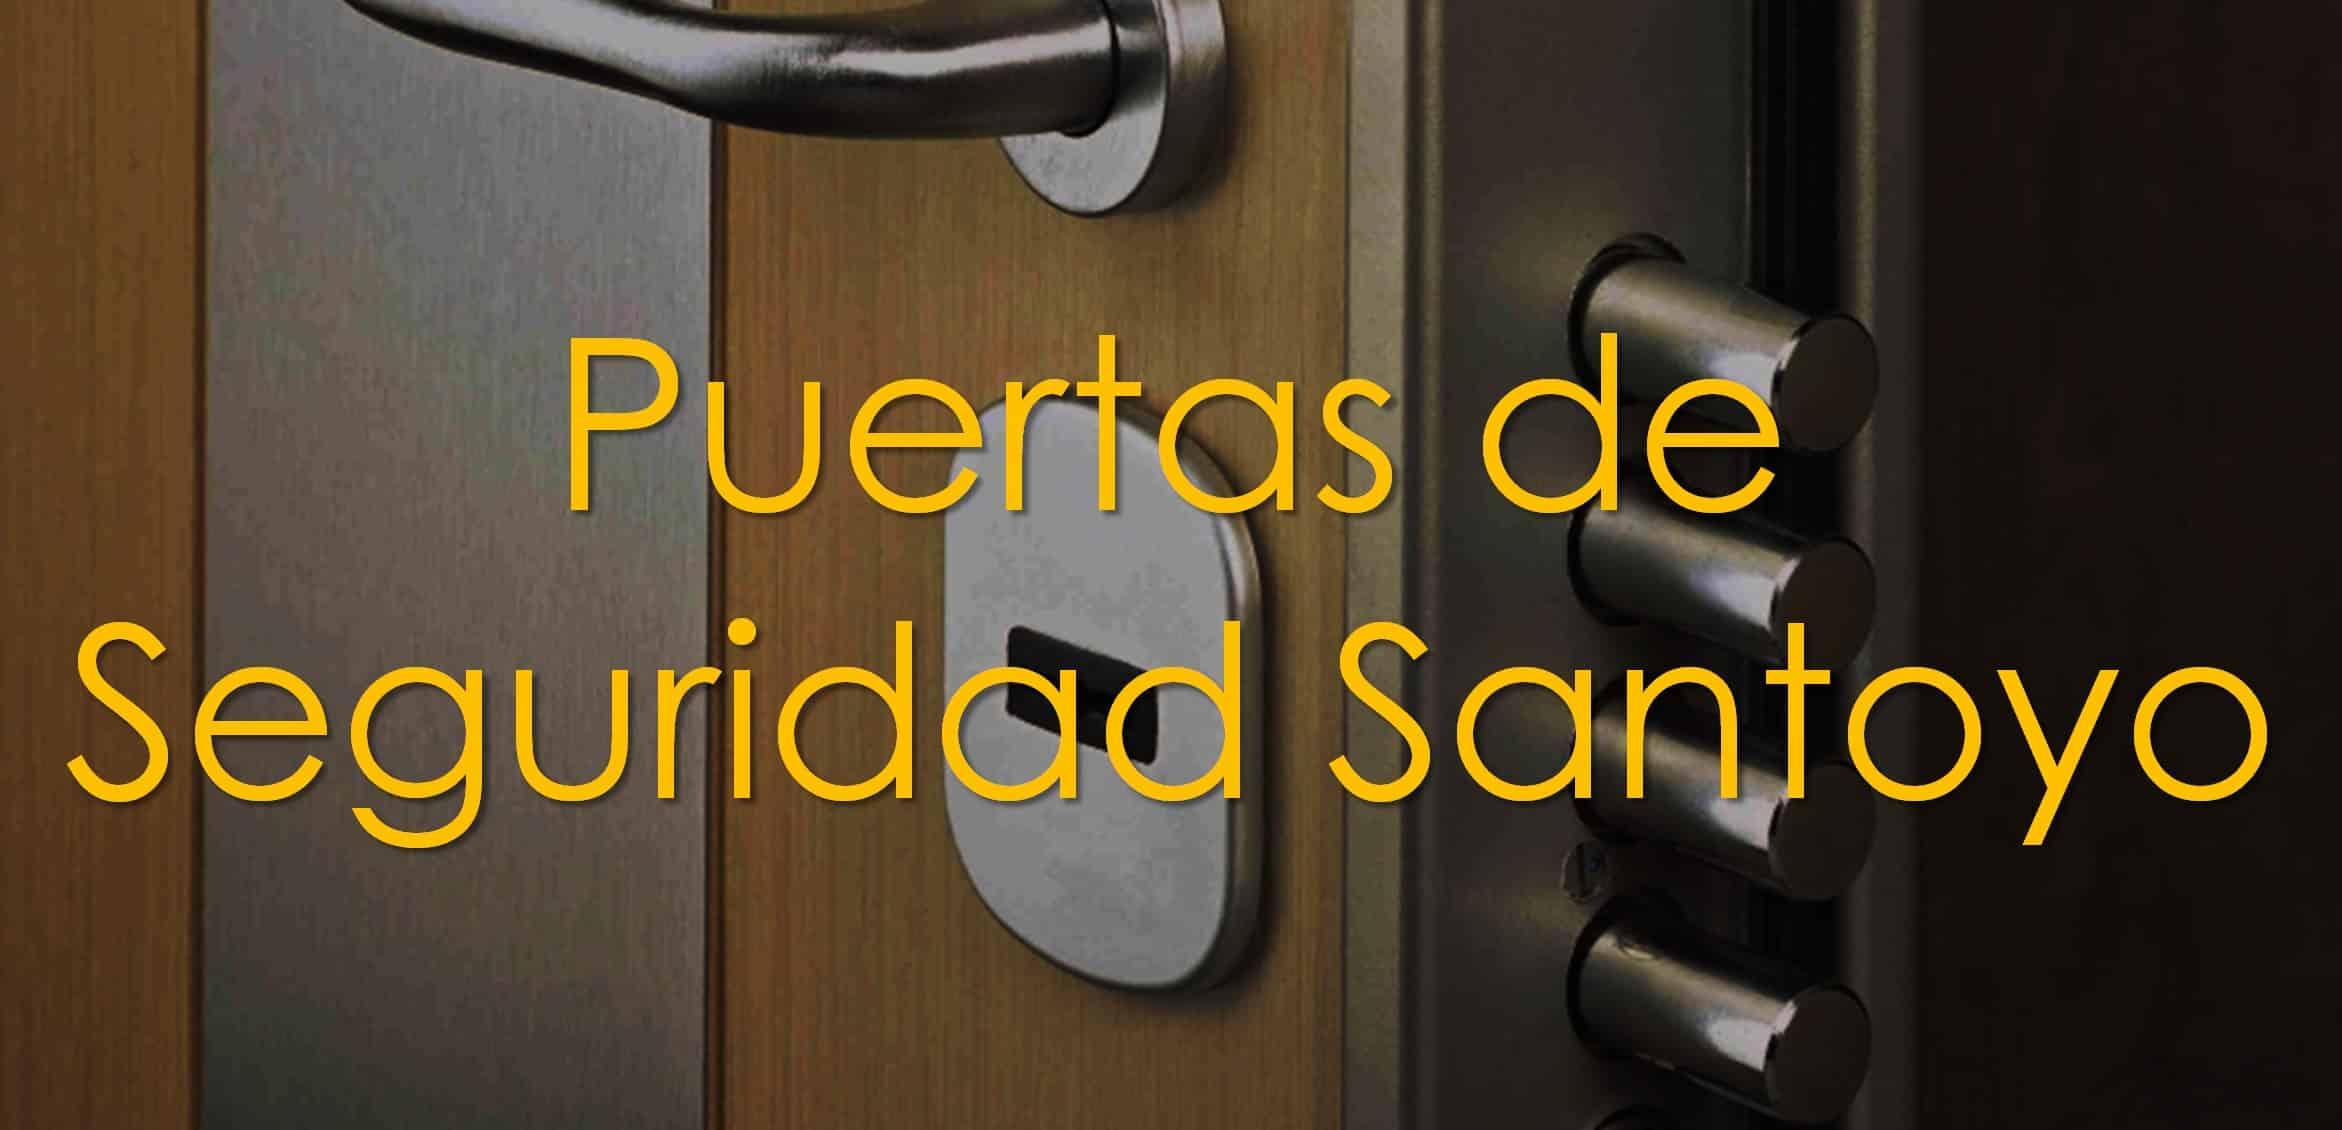 puertas de seguridad santoyo